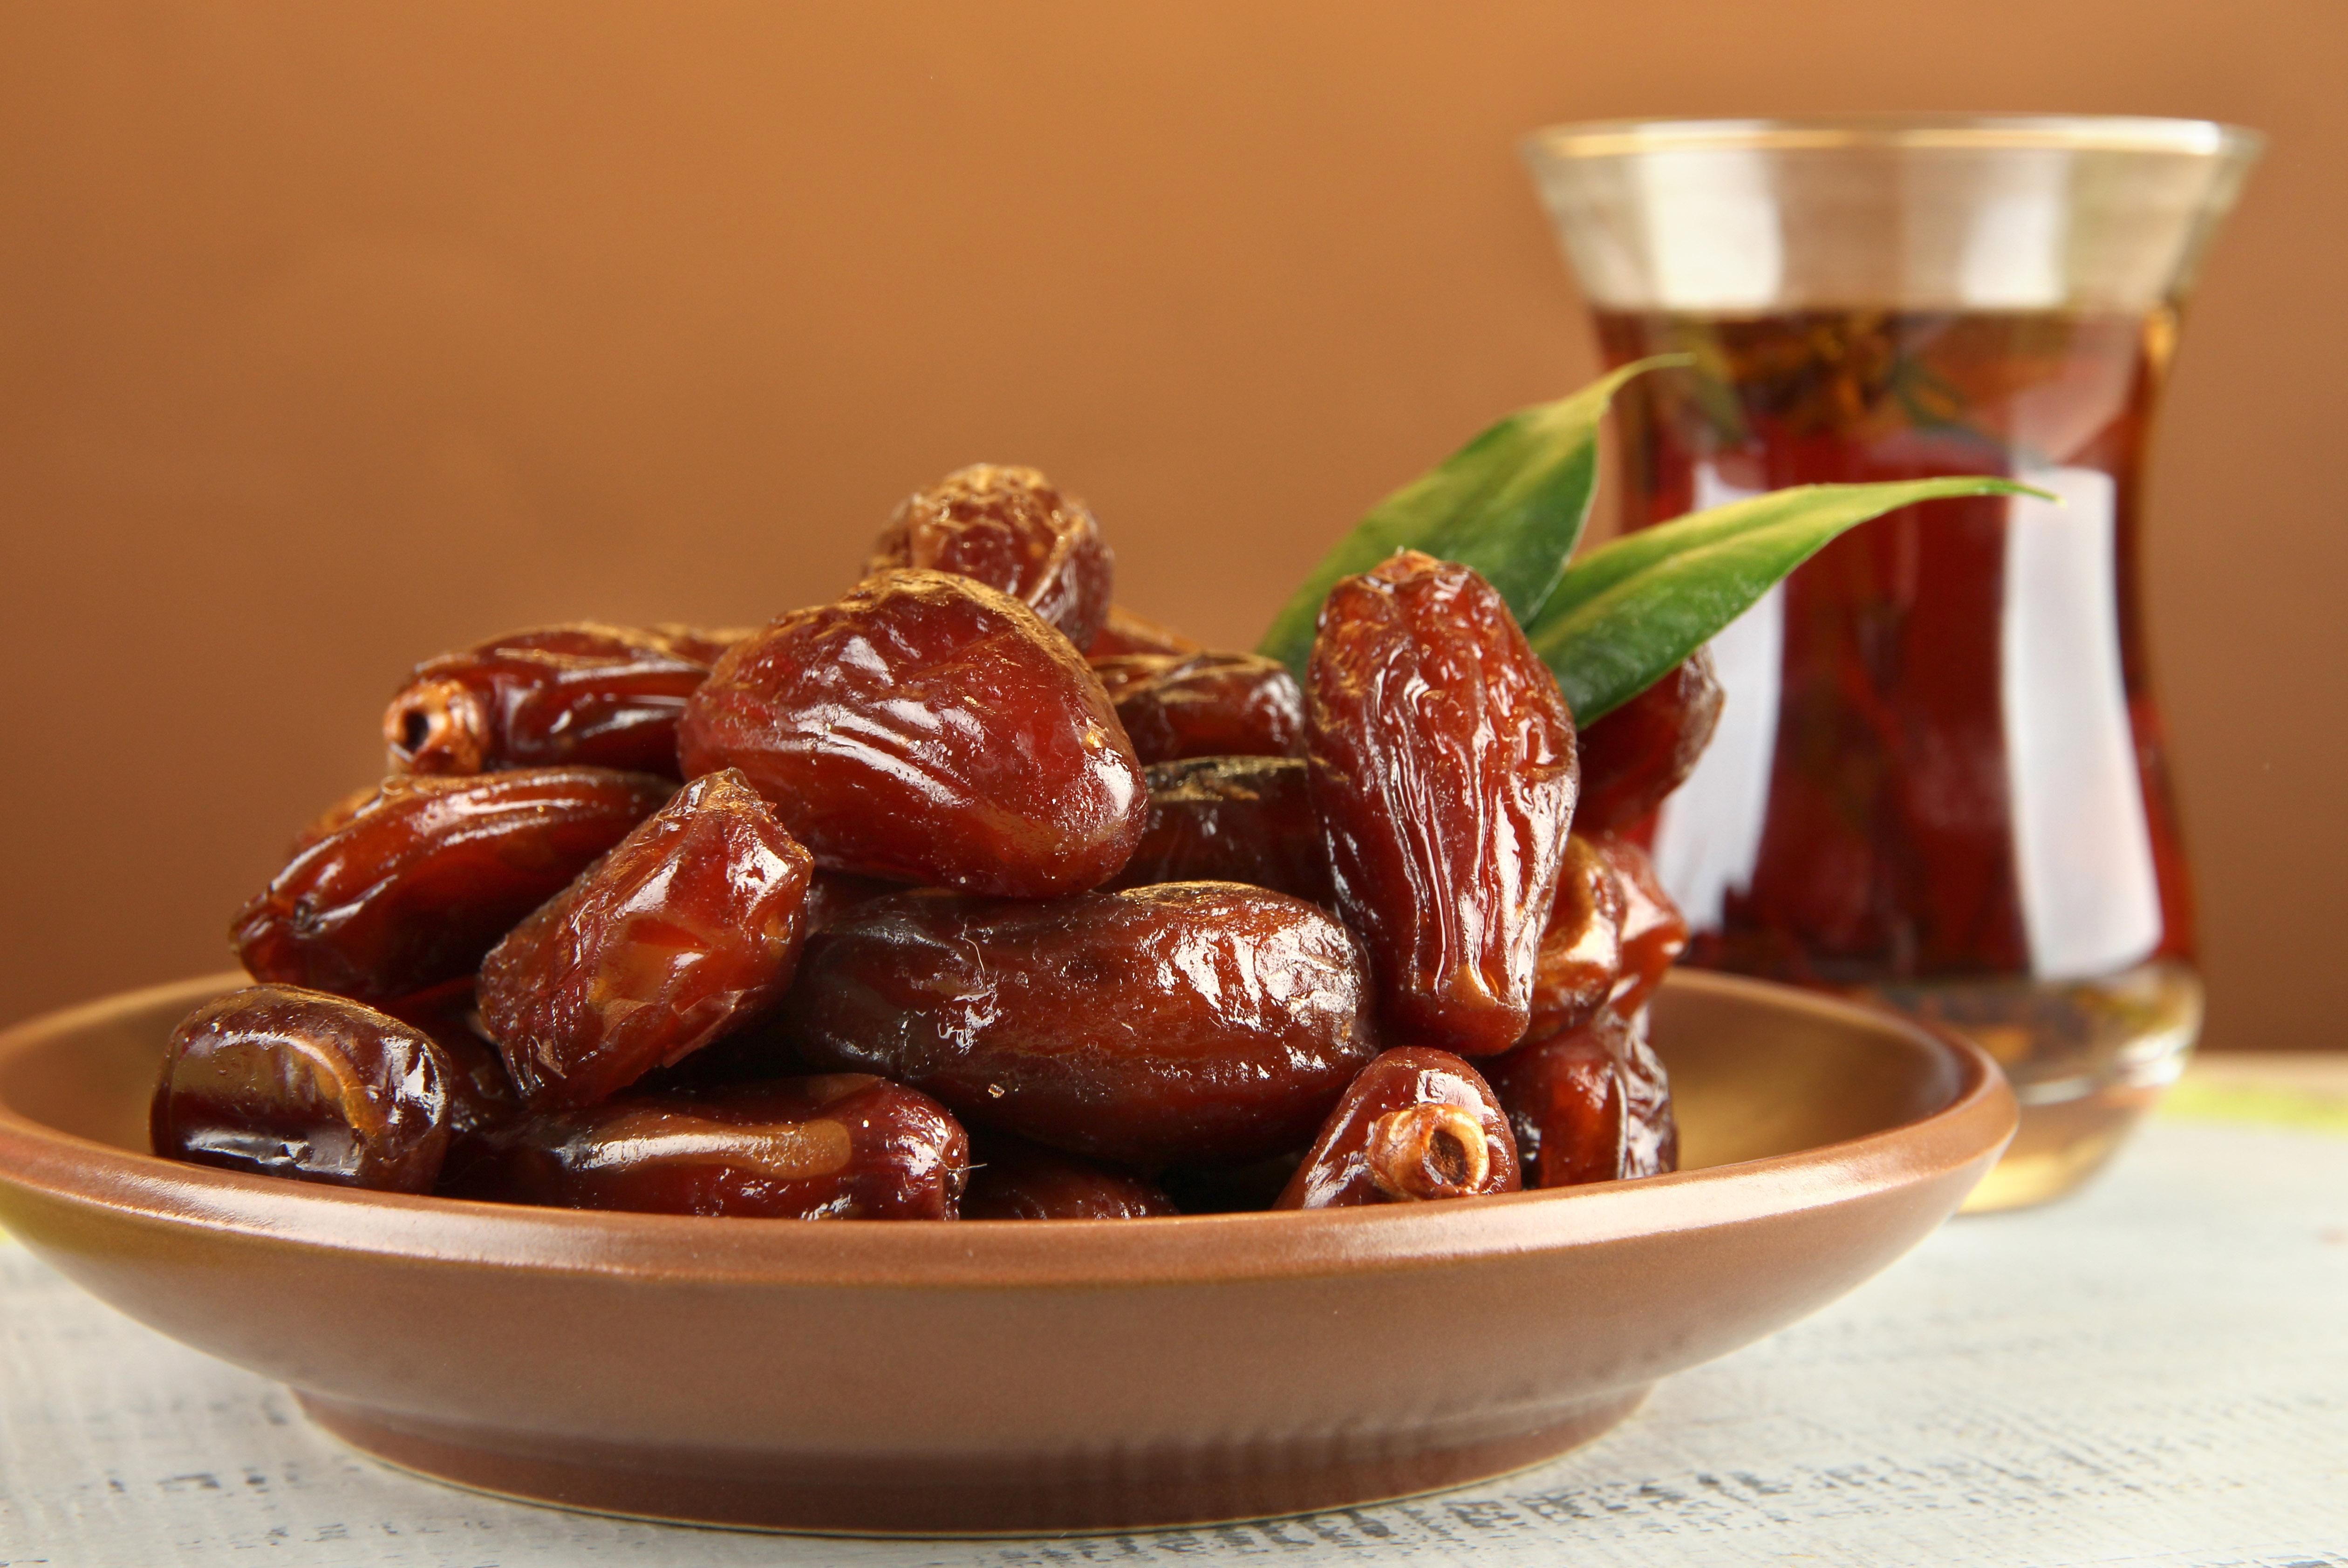 Plotësoni adhurimin tuaj në Ramazan me këto sunete